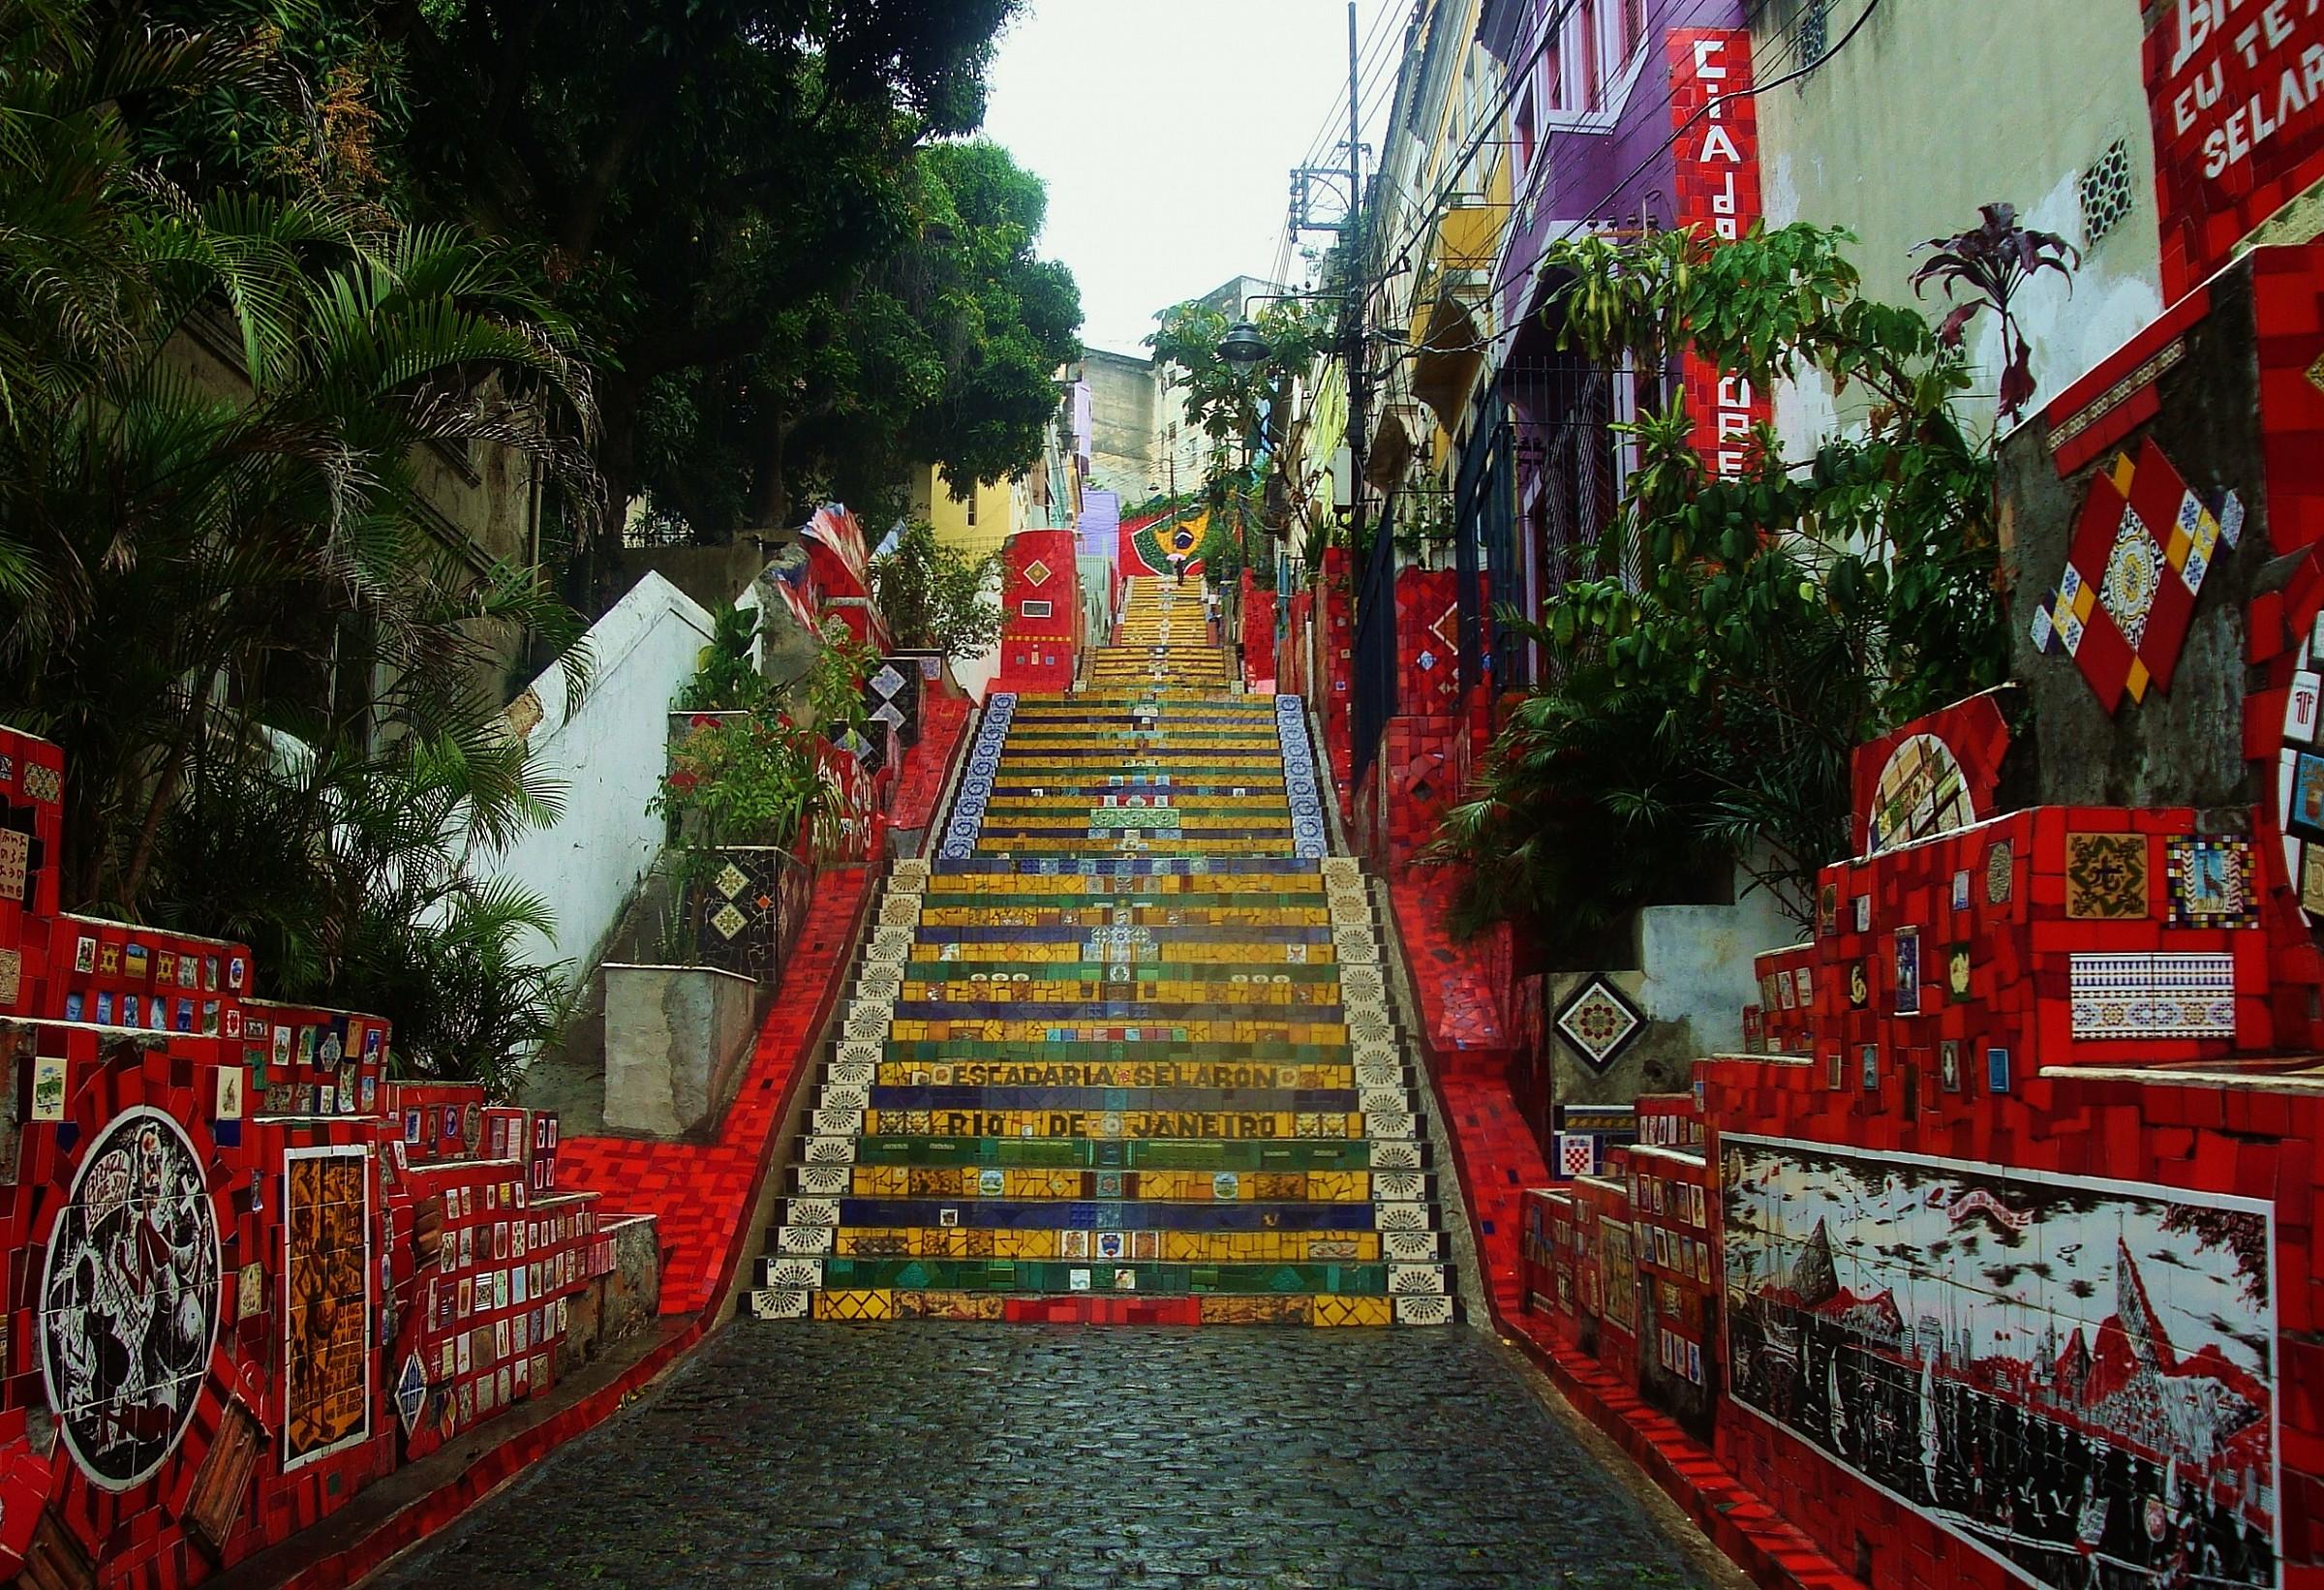 Escadaria Selaron...